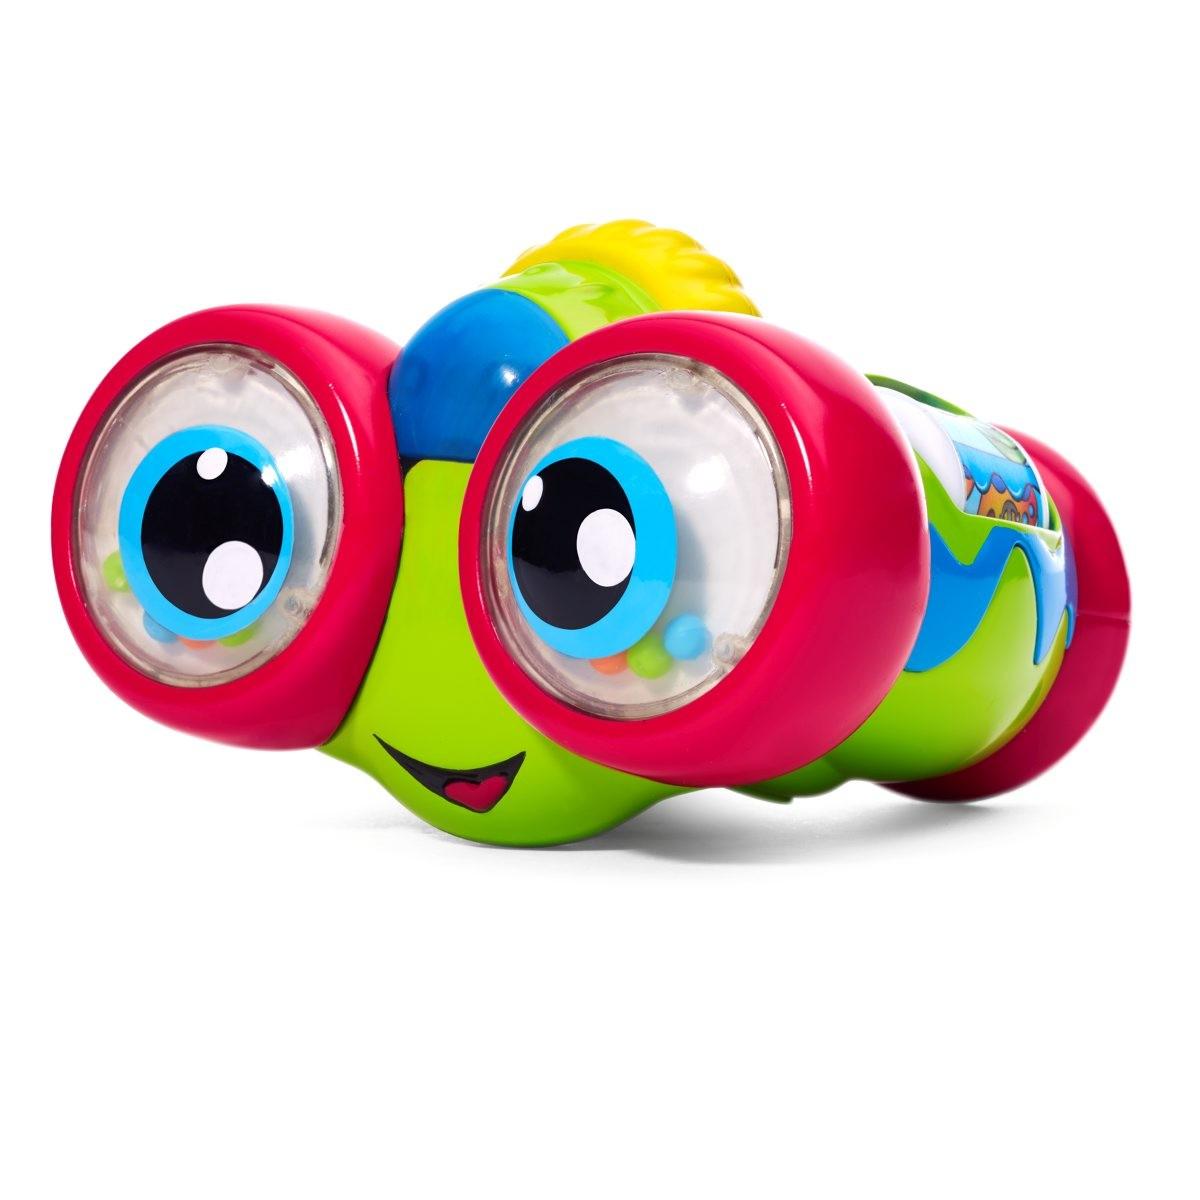 Музыкальная игрушка – БинокльРазвивающие Игрушки Chicco<br>Музыкальная игрушка – Бинокль<br>